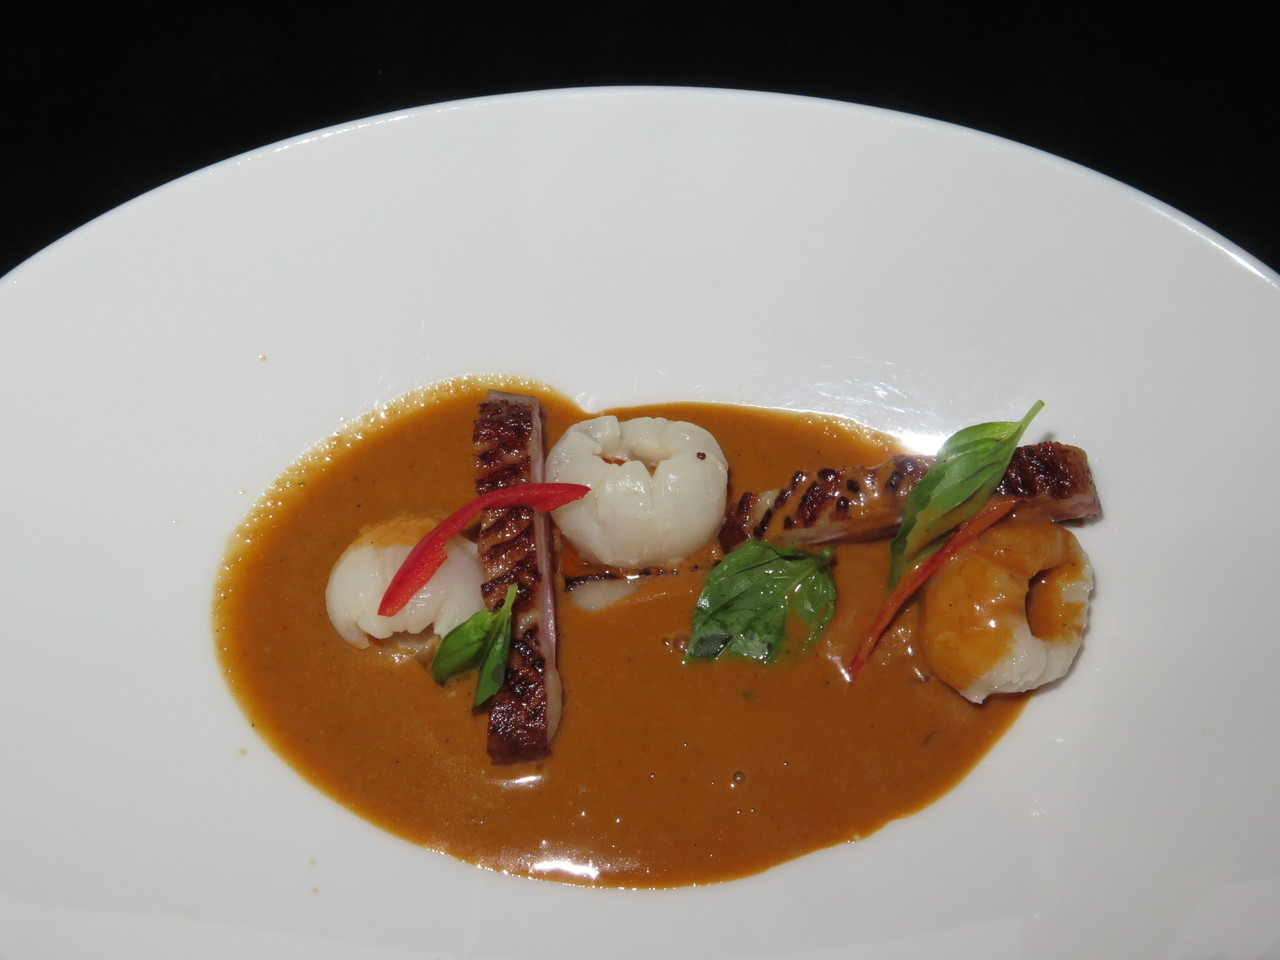 Caril vermelho de pato | Peito de pato assado com líchias e caril vermelho Thai